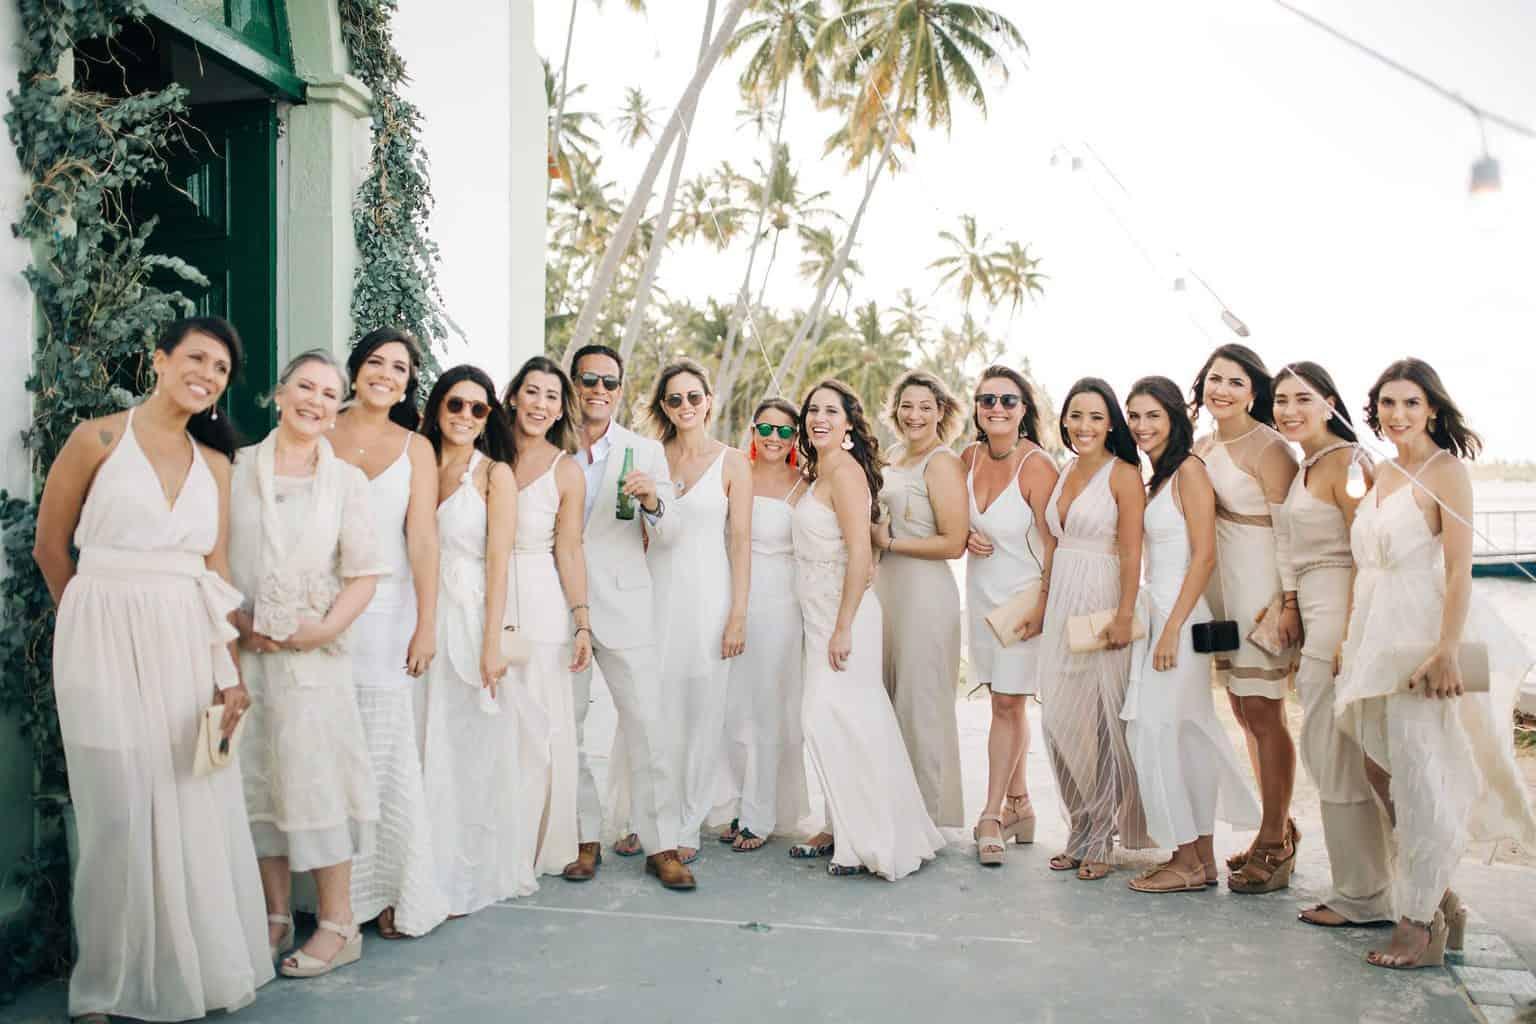 casamento-Danielle-e-Guilherme-aloha-fotografia-caseme-66